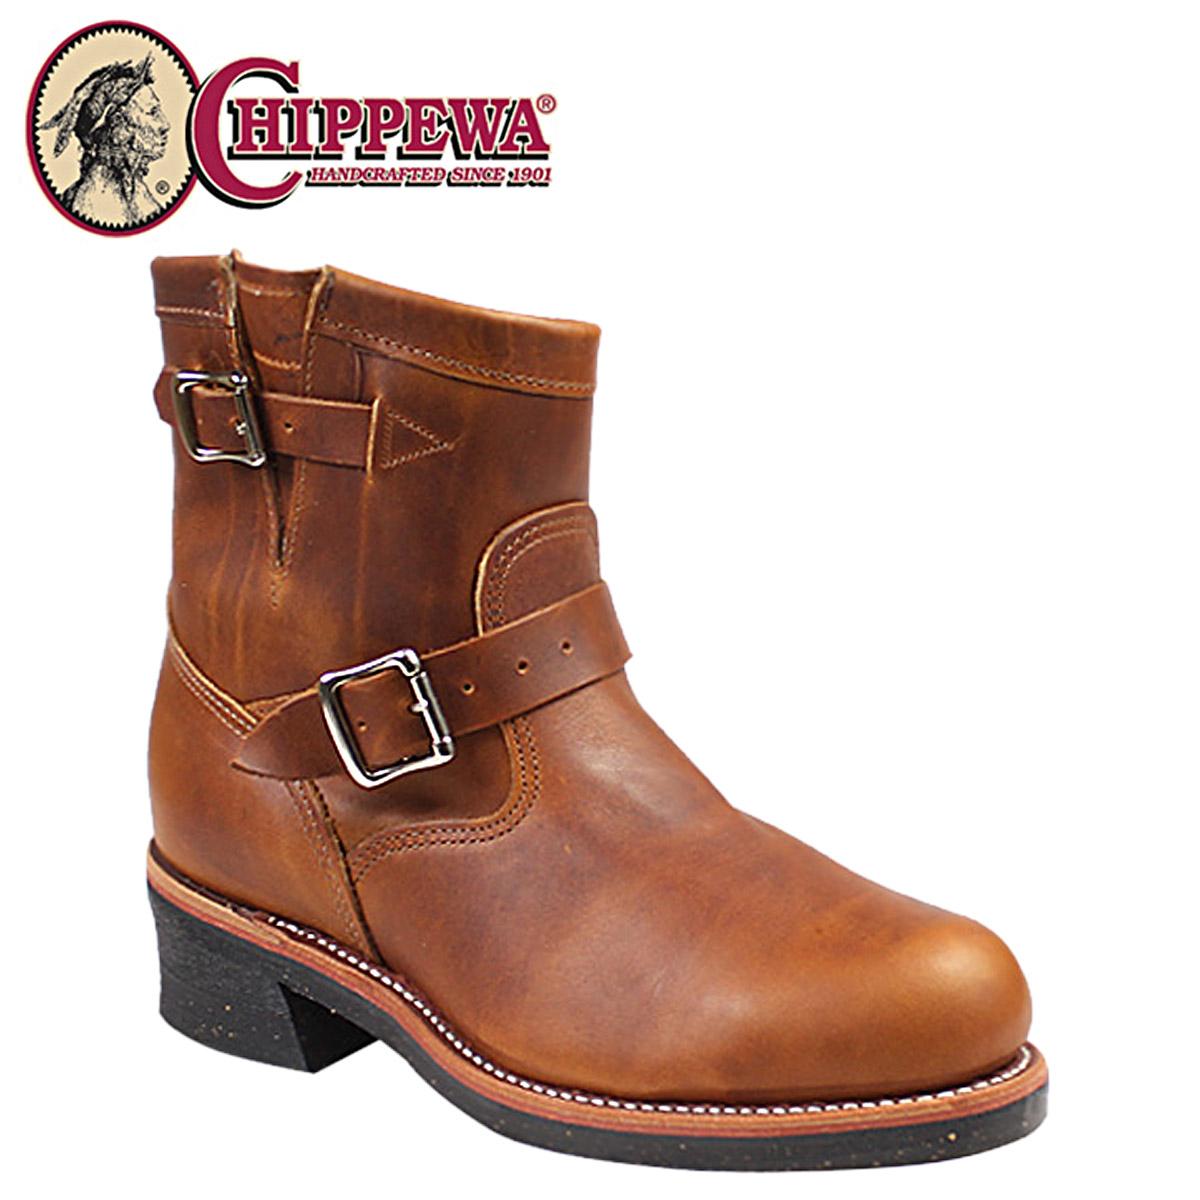 CHIPPEWA チペワ 7 INCH STEEL TOE ENGINEER ブーツ 7インチ スティールトゥ エンジニア ブーツ 1901M12 Eワイズ タン メンズ